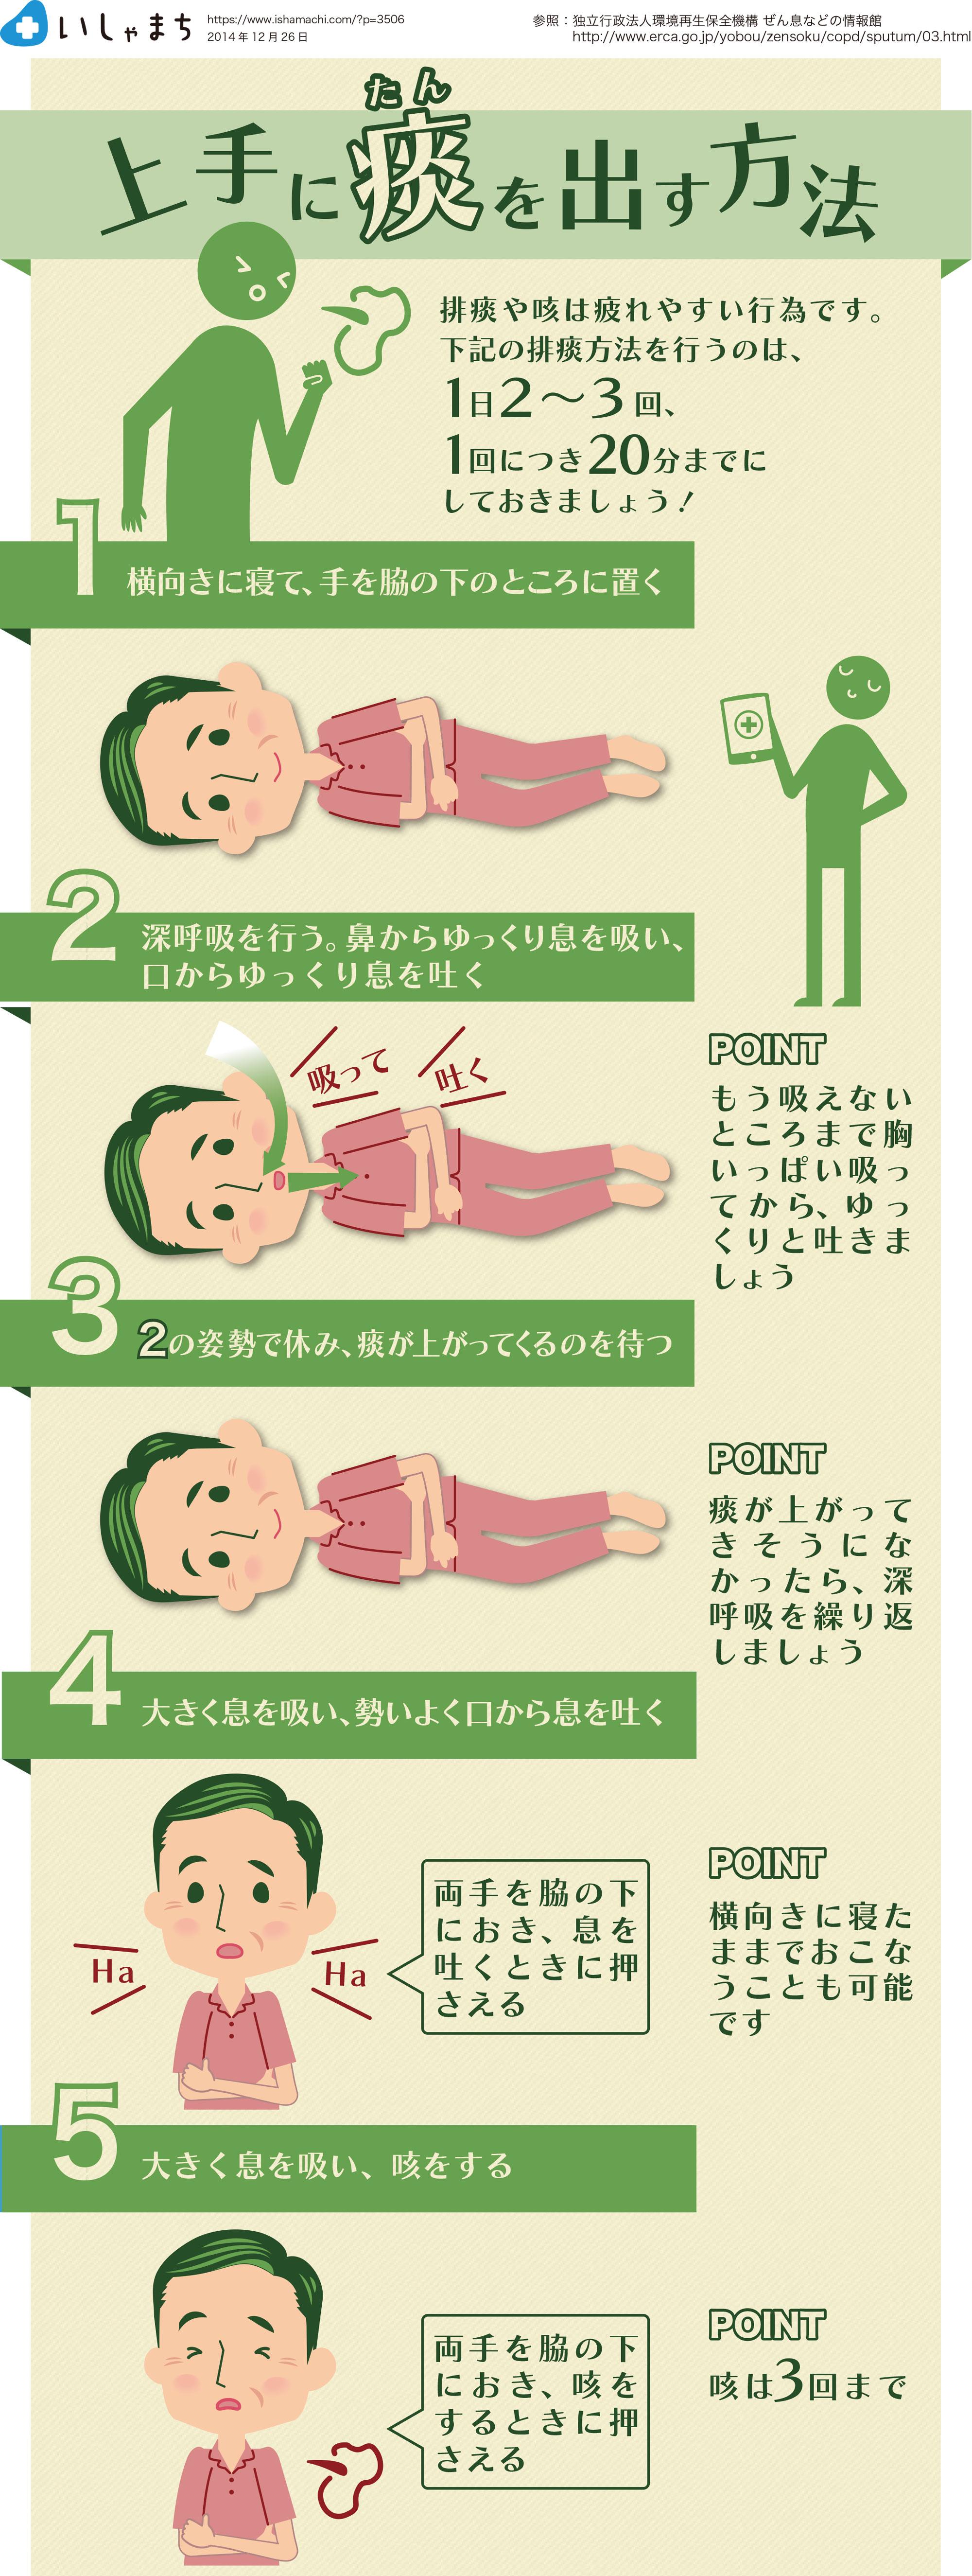 止める 方法 を 咳